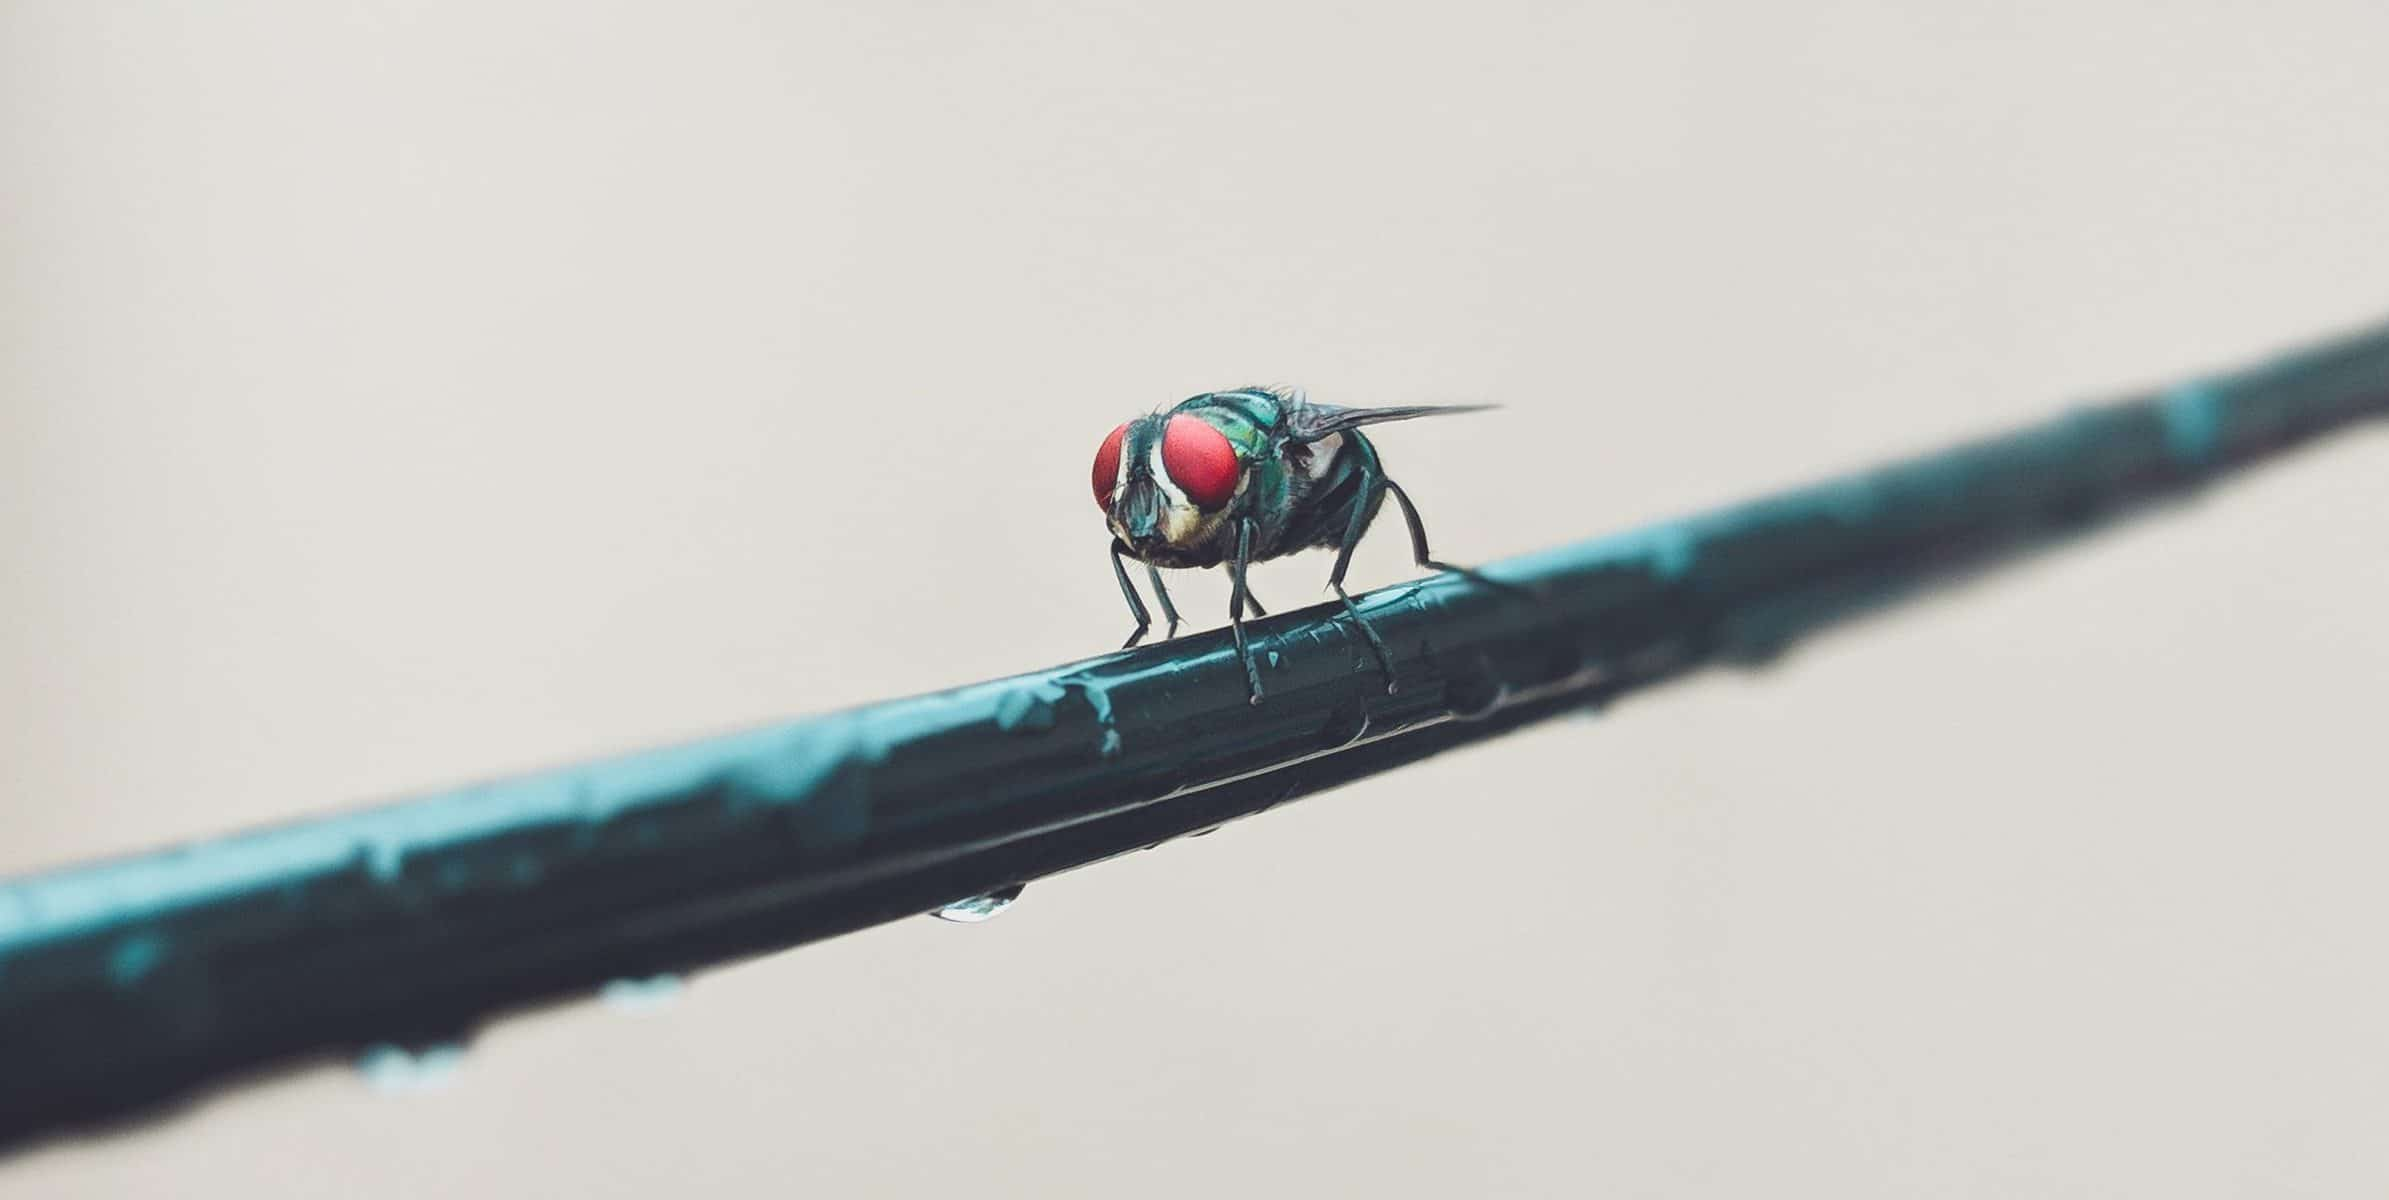 Une mouche posée sur une tige, pose la question de la durée de vie avec humour.